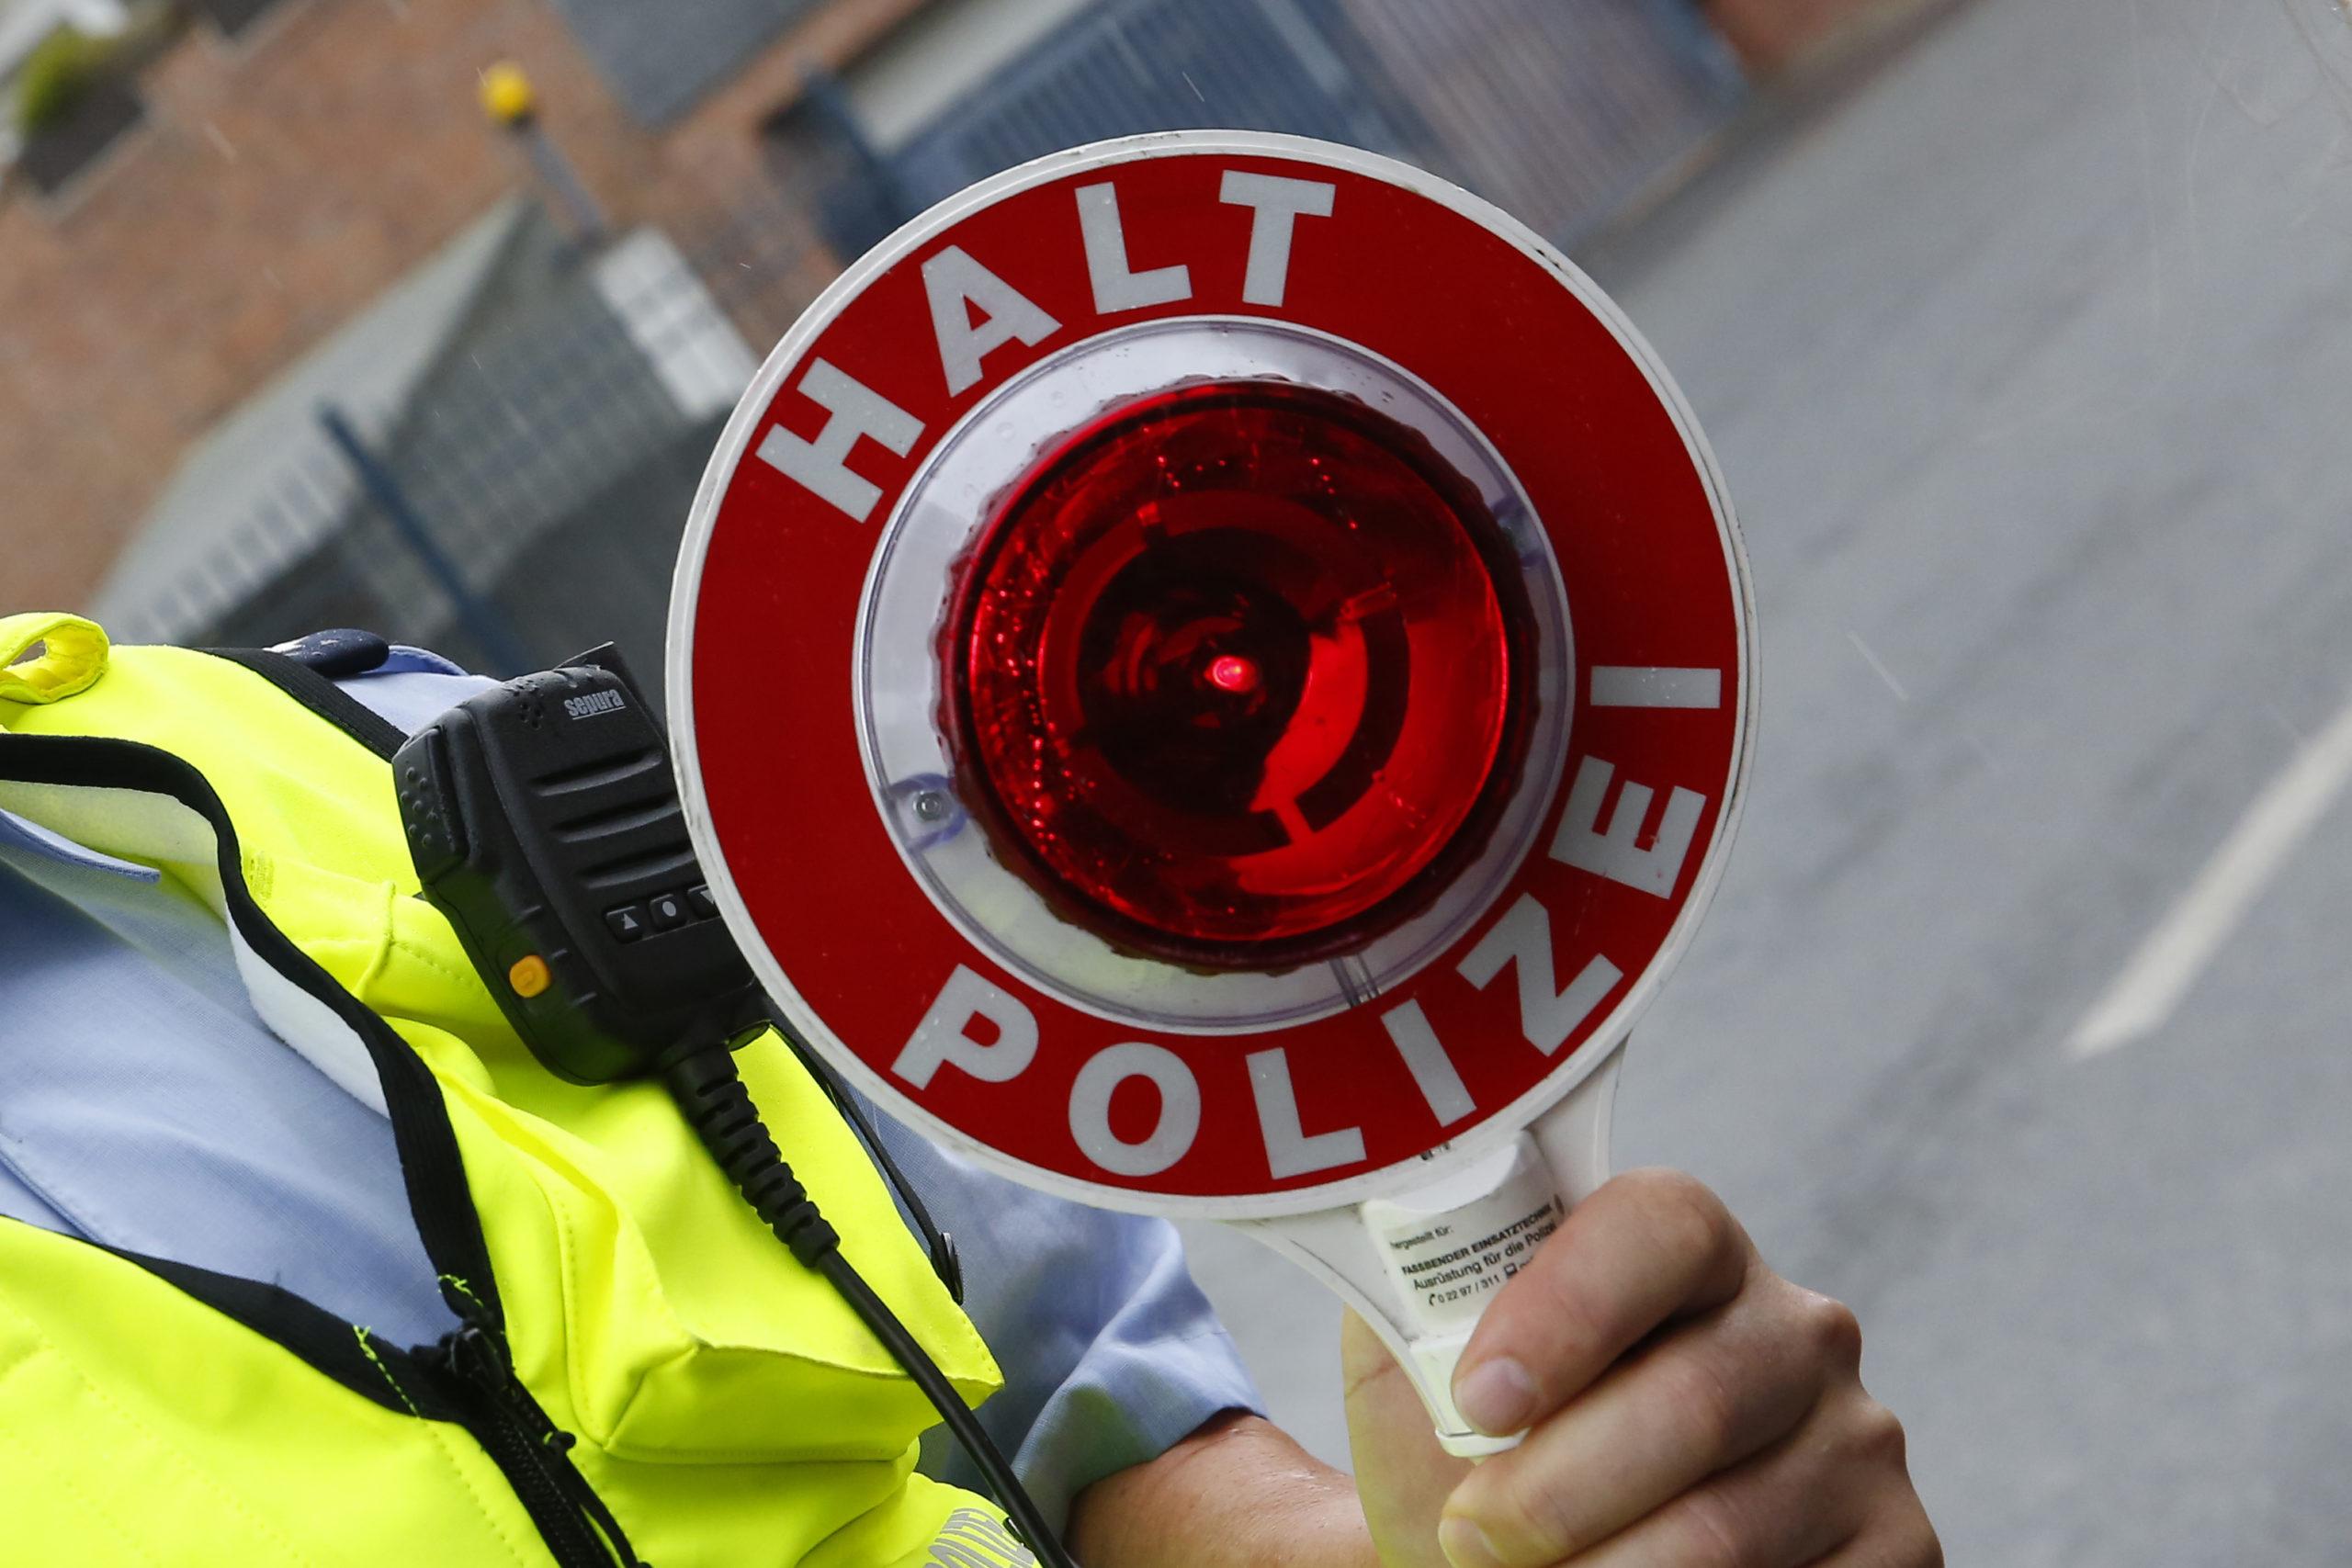 Polizei Kontrolle Lübeck Radfahrer